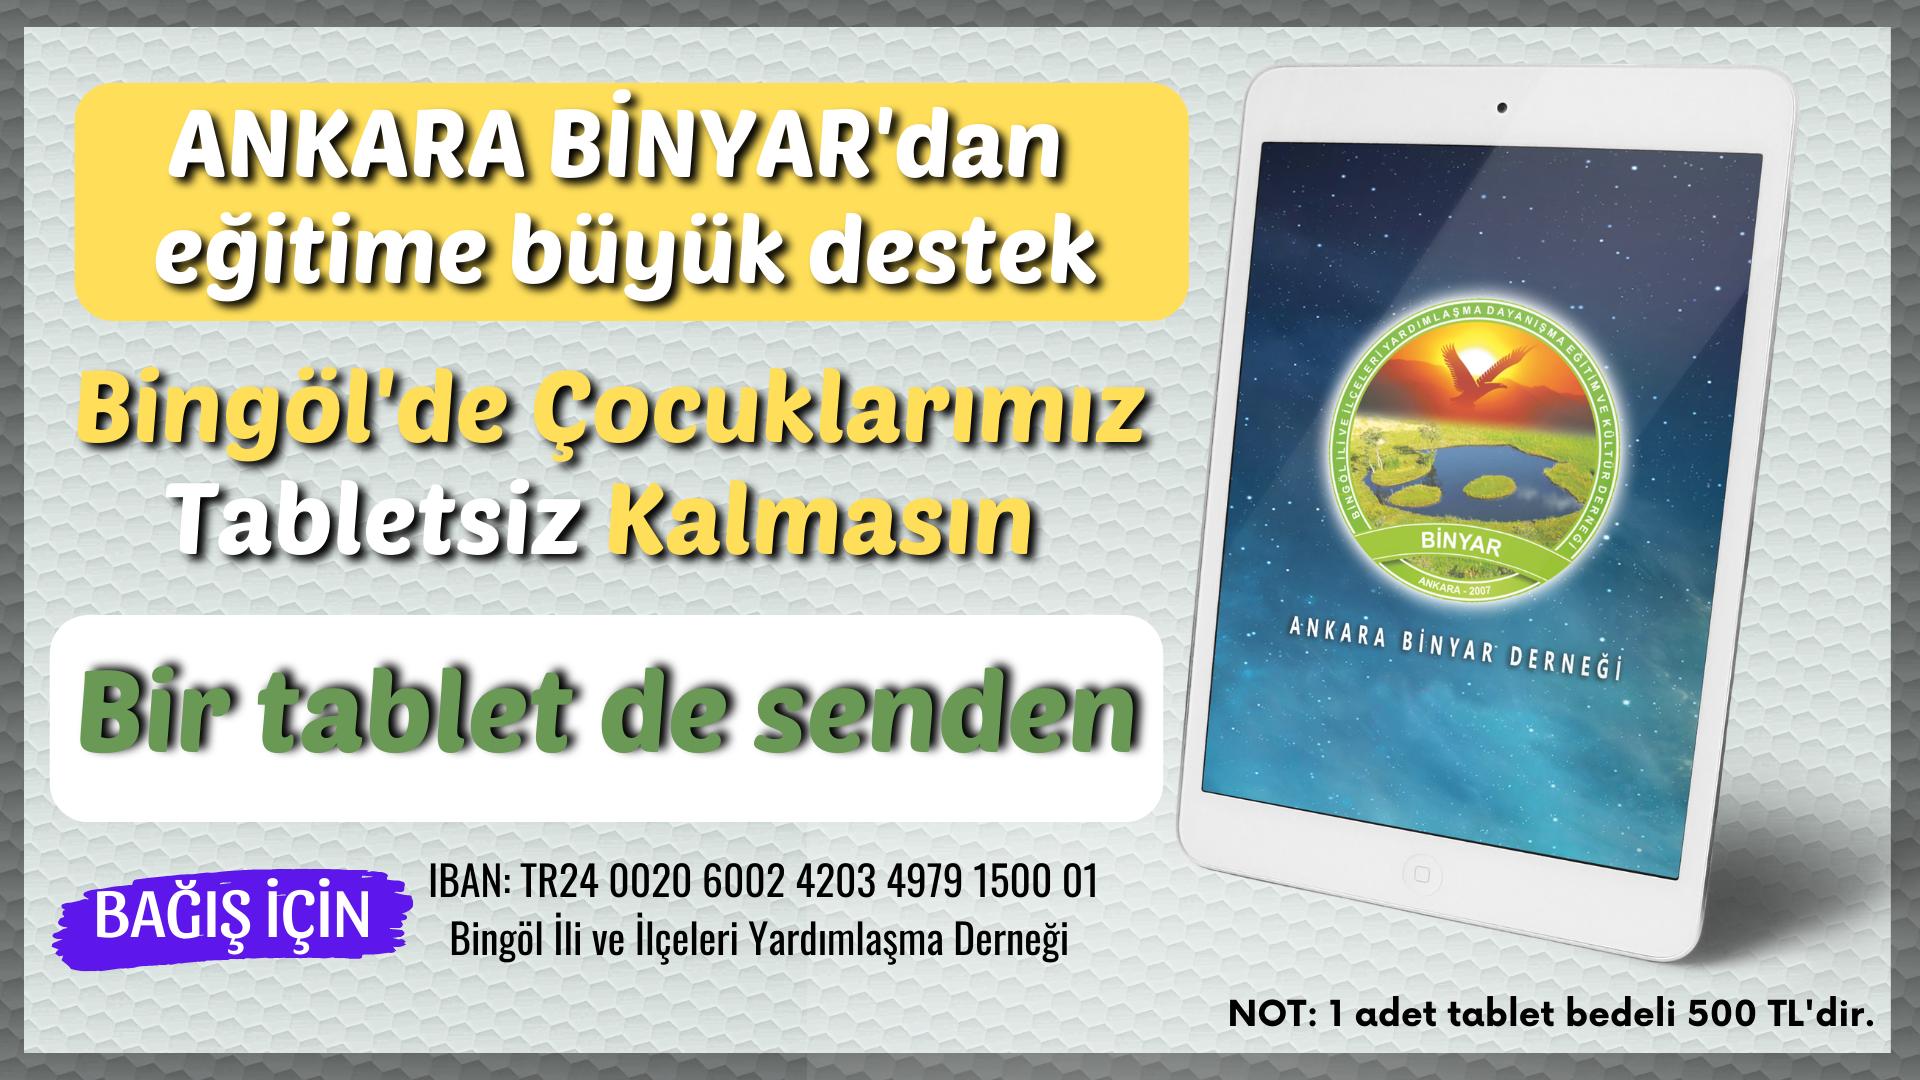 BİNYAR'dan Bir Tablet De Senden Kampanyası